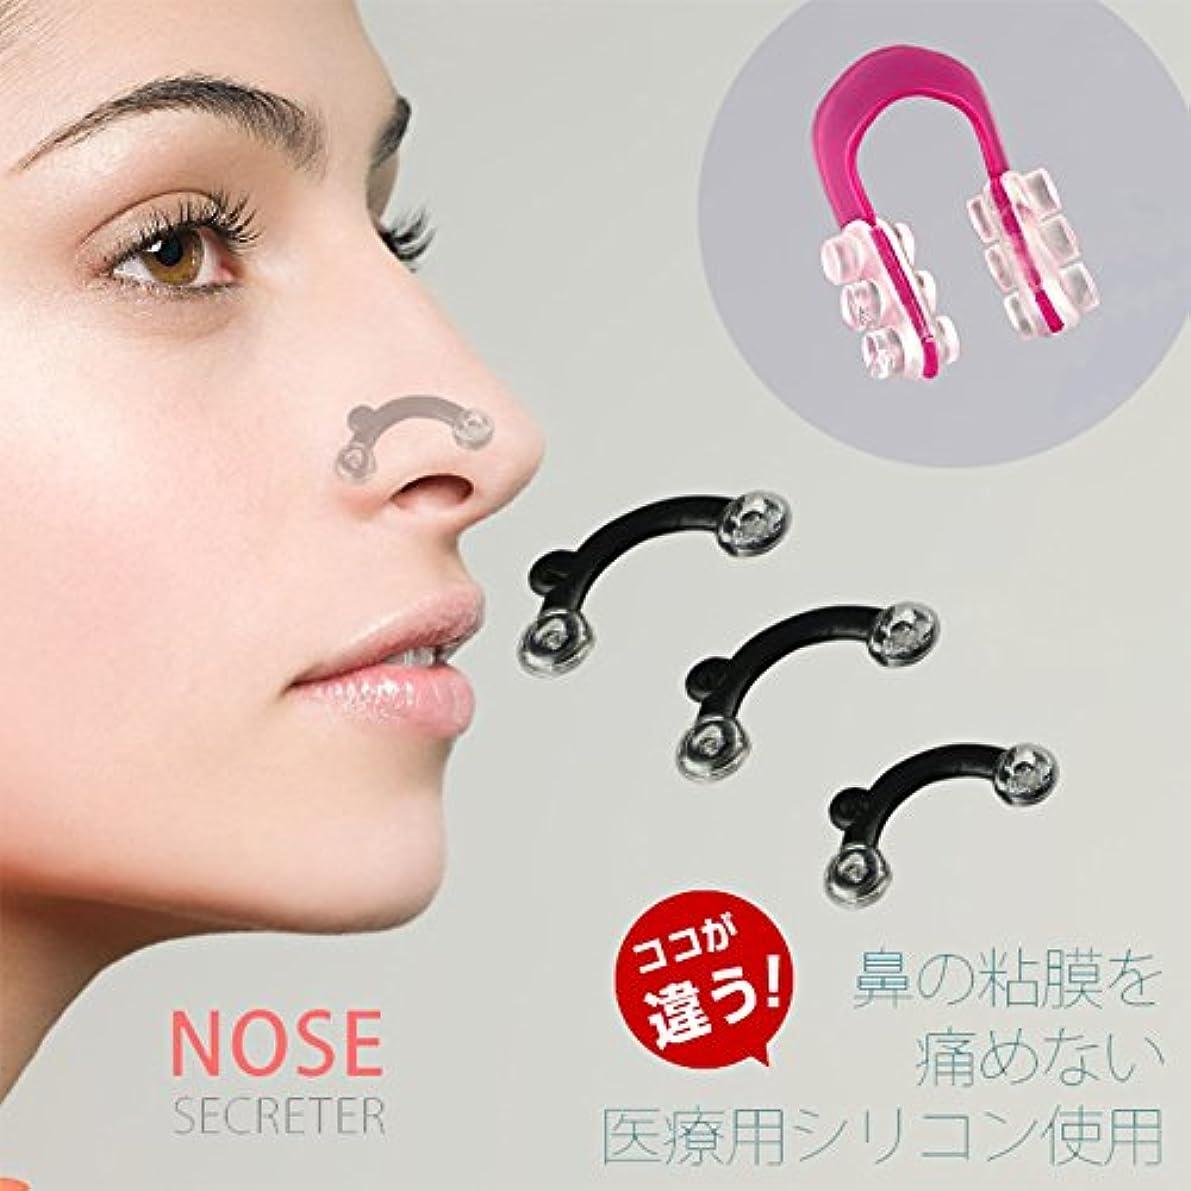 広げる換気する対抗MR 4点セット 小顔効果 ノーズチャーム プチ整形 3サイズ コスメ 韓国 ファッション MR-NOSECHARM